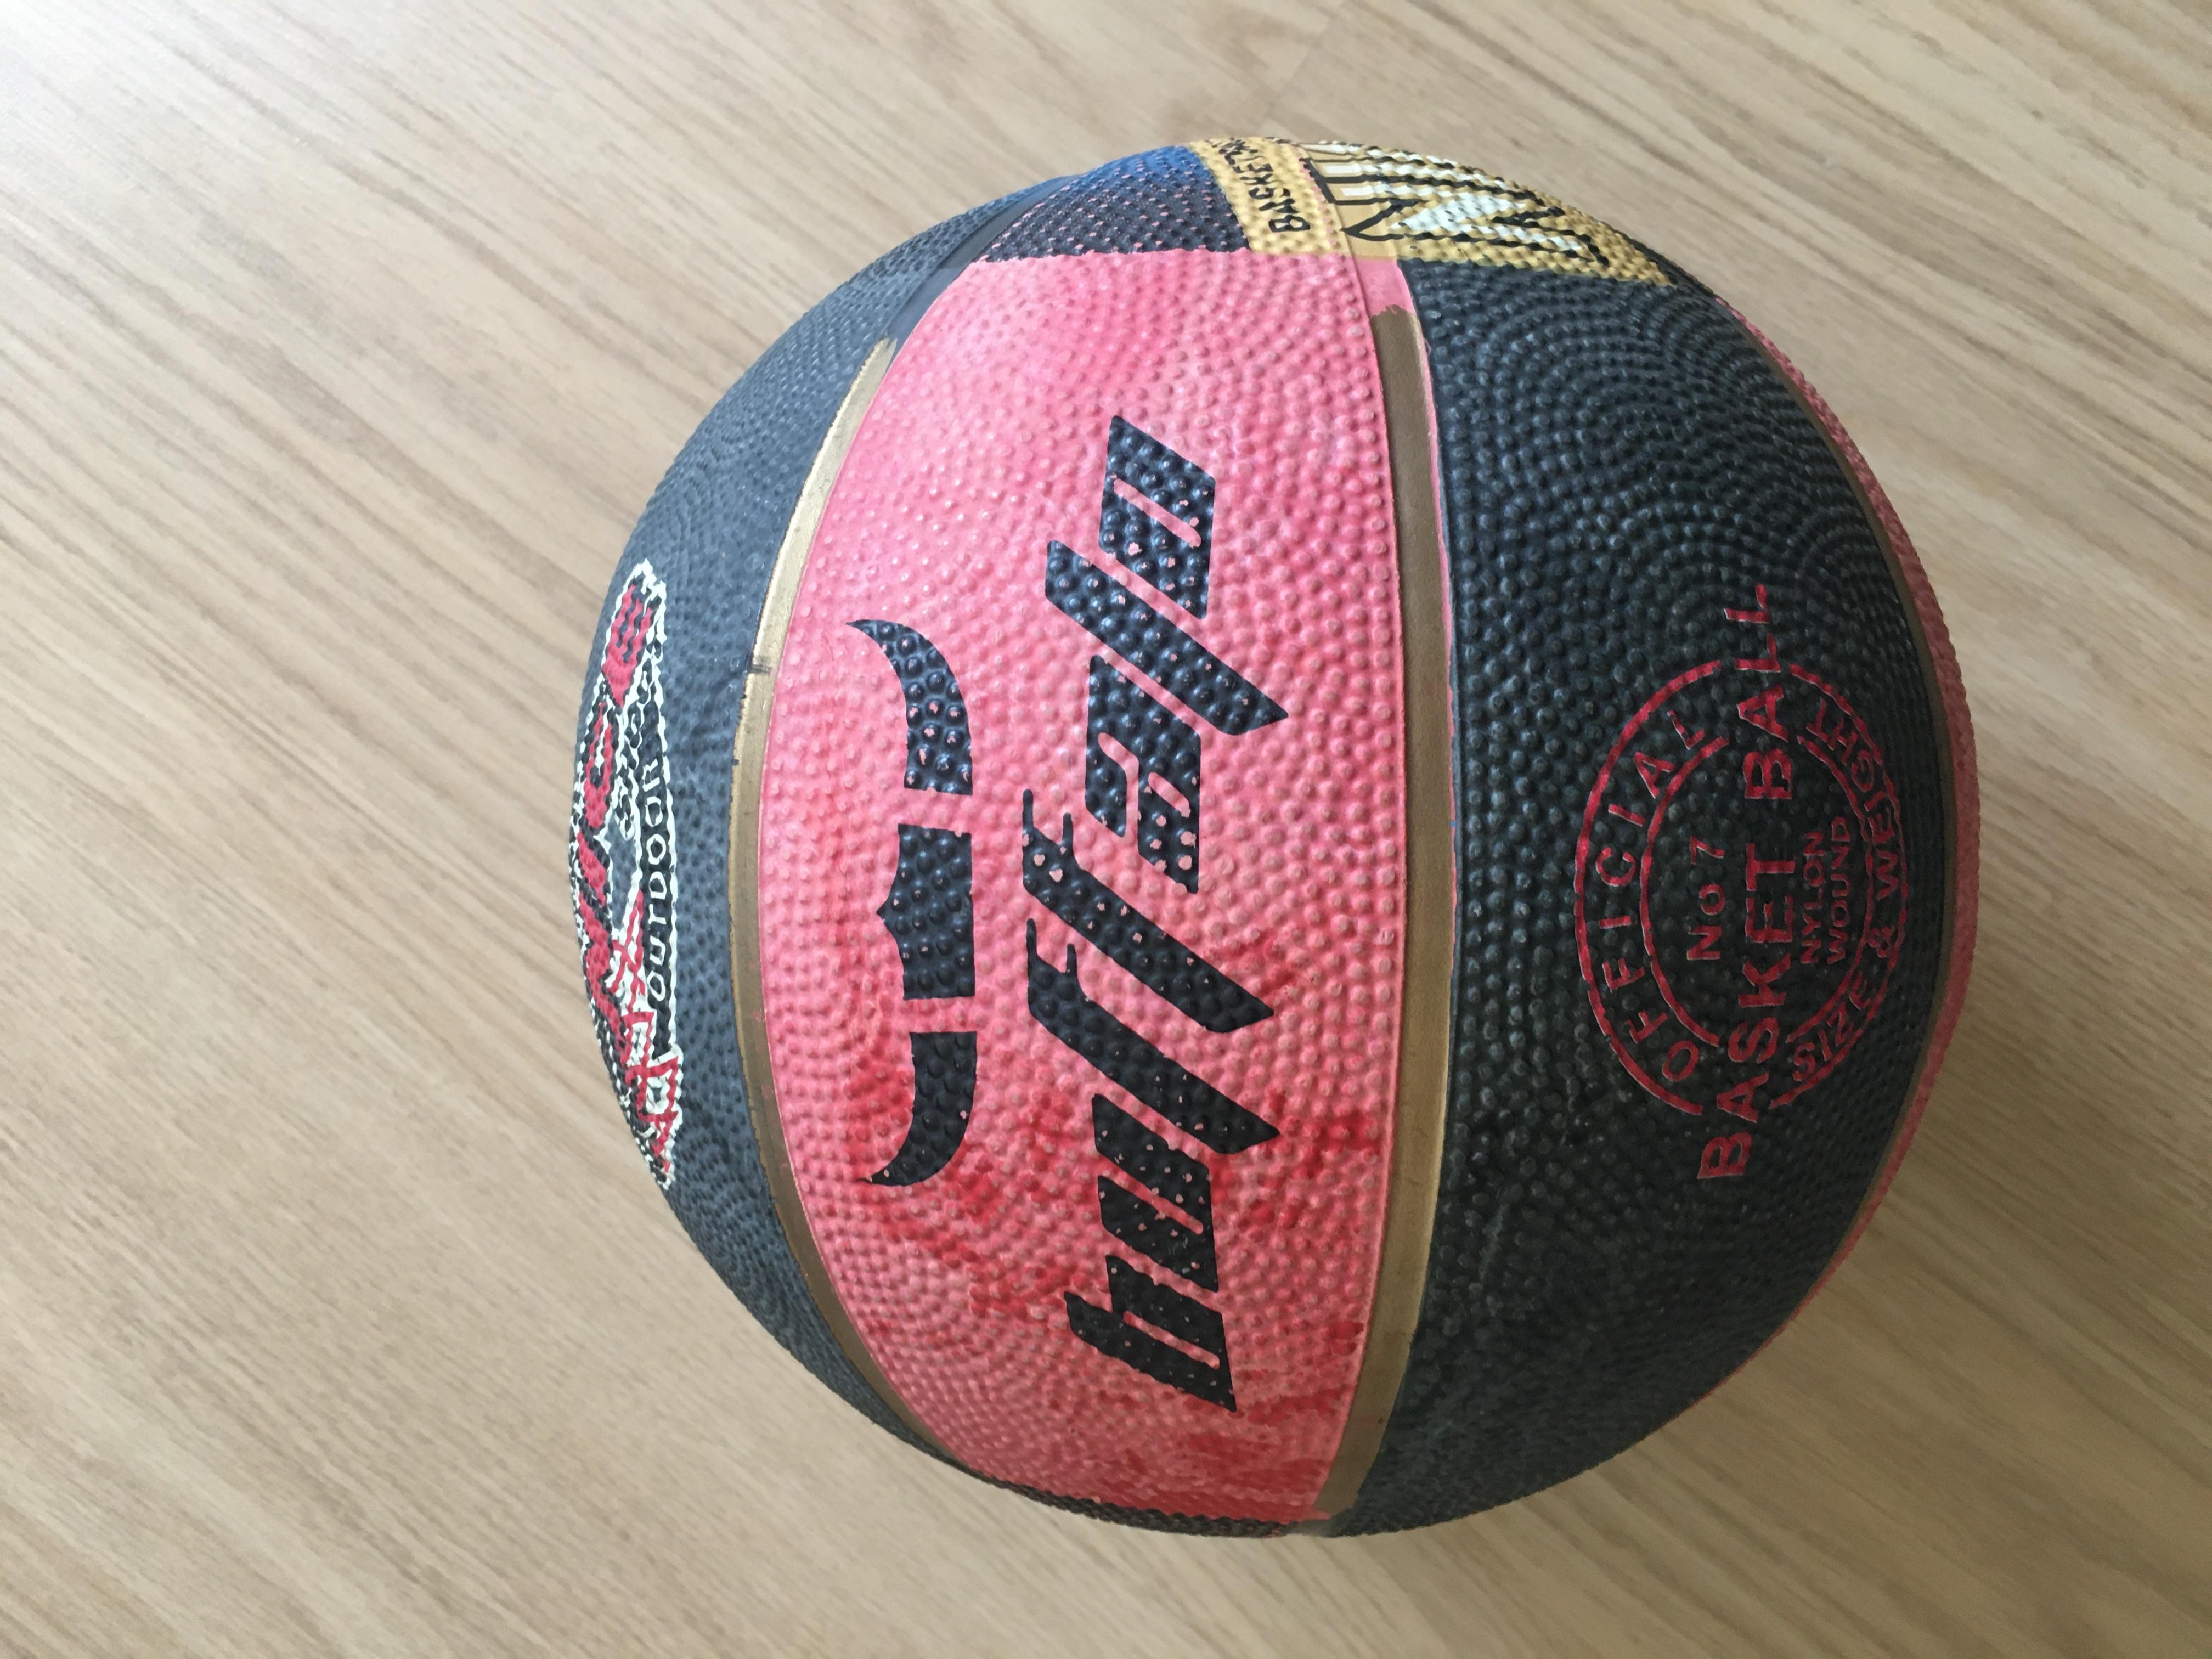 Niceshoot Basketbol Topu